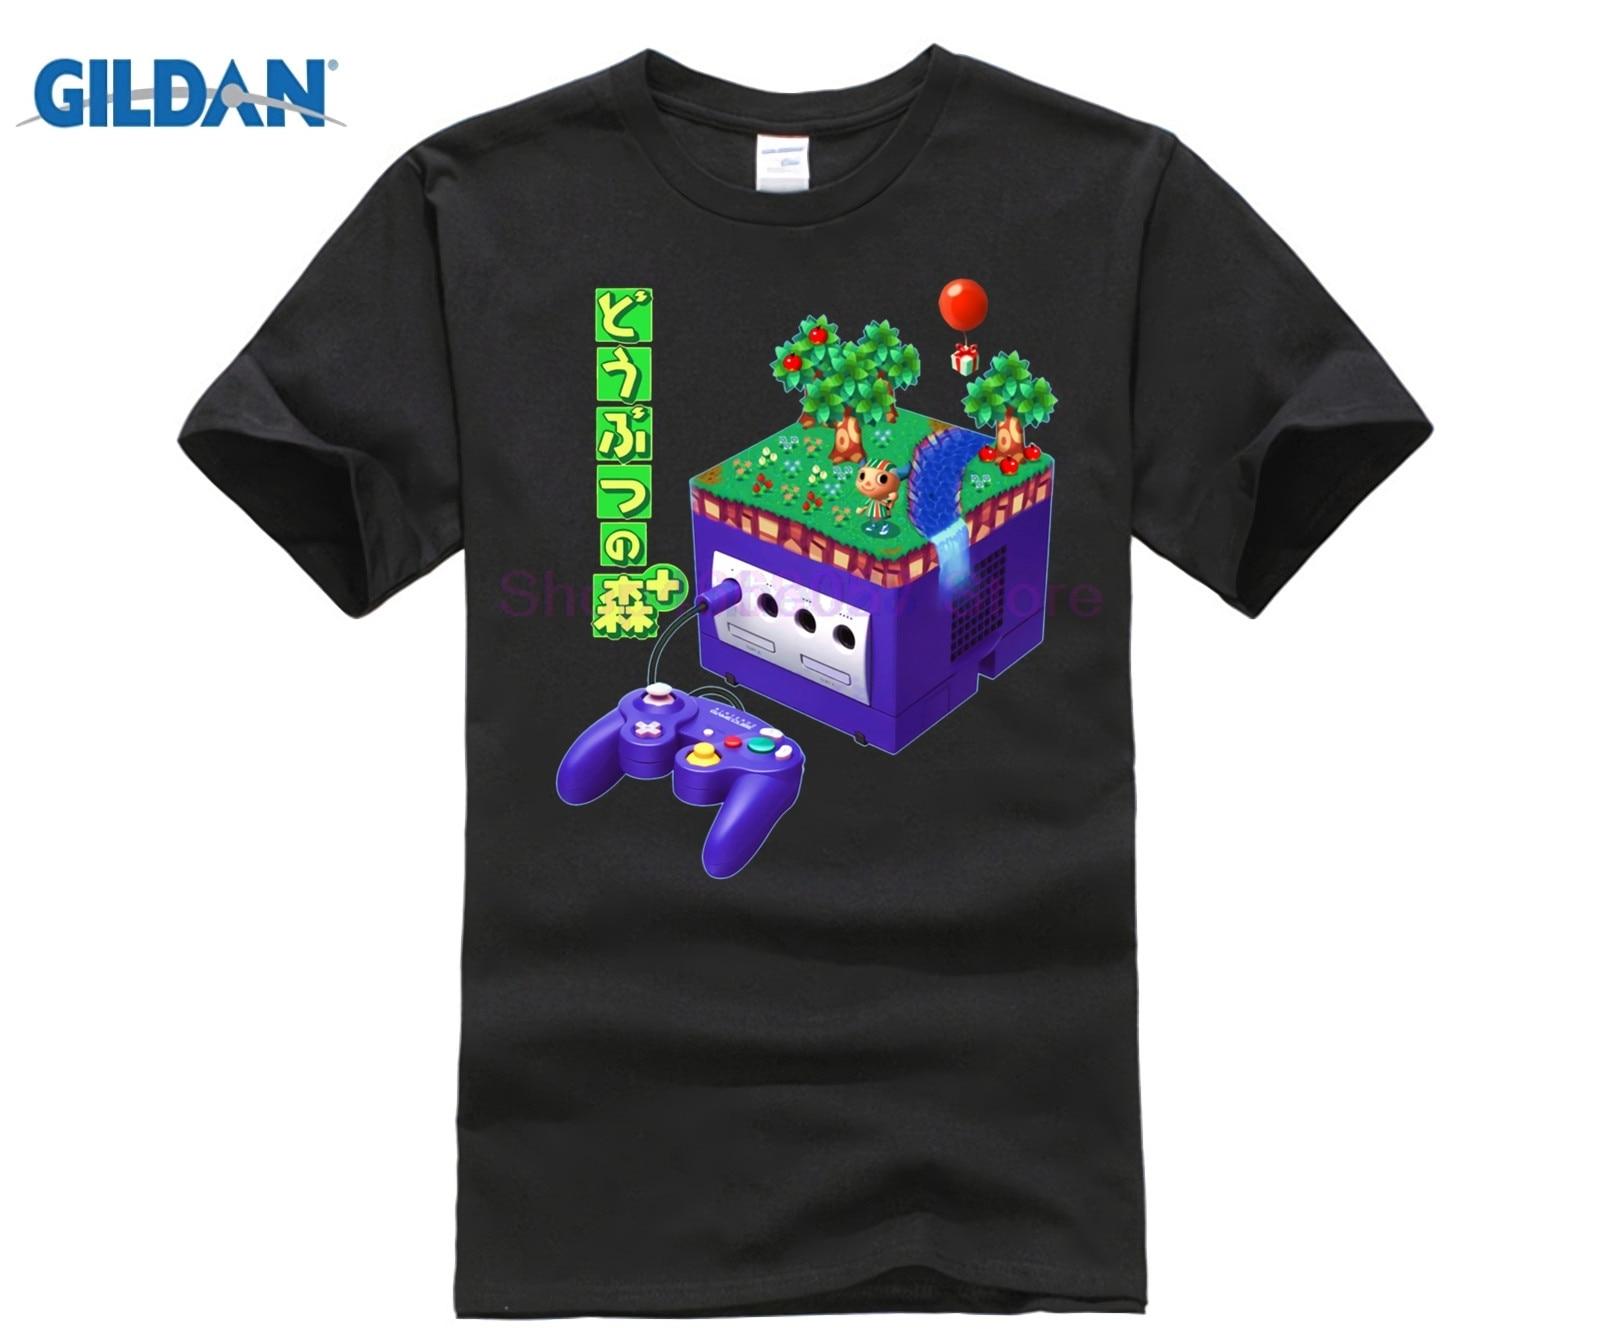 GILDAN animal crossing   T     Shirt